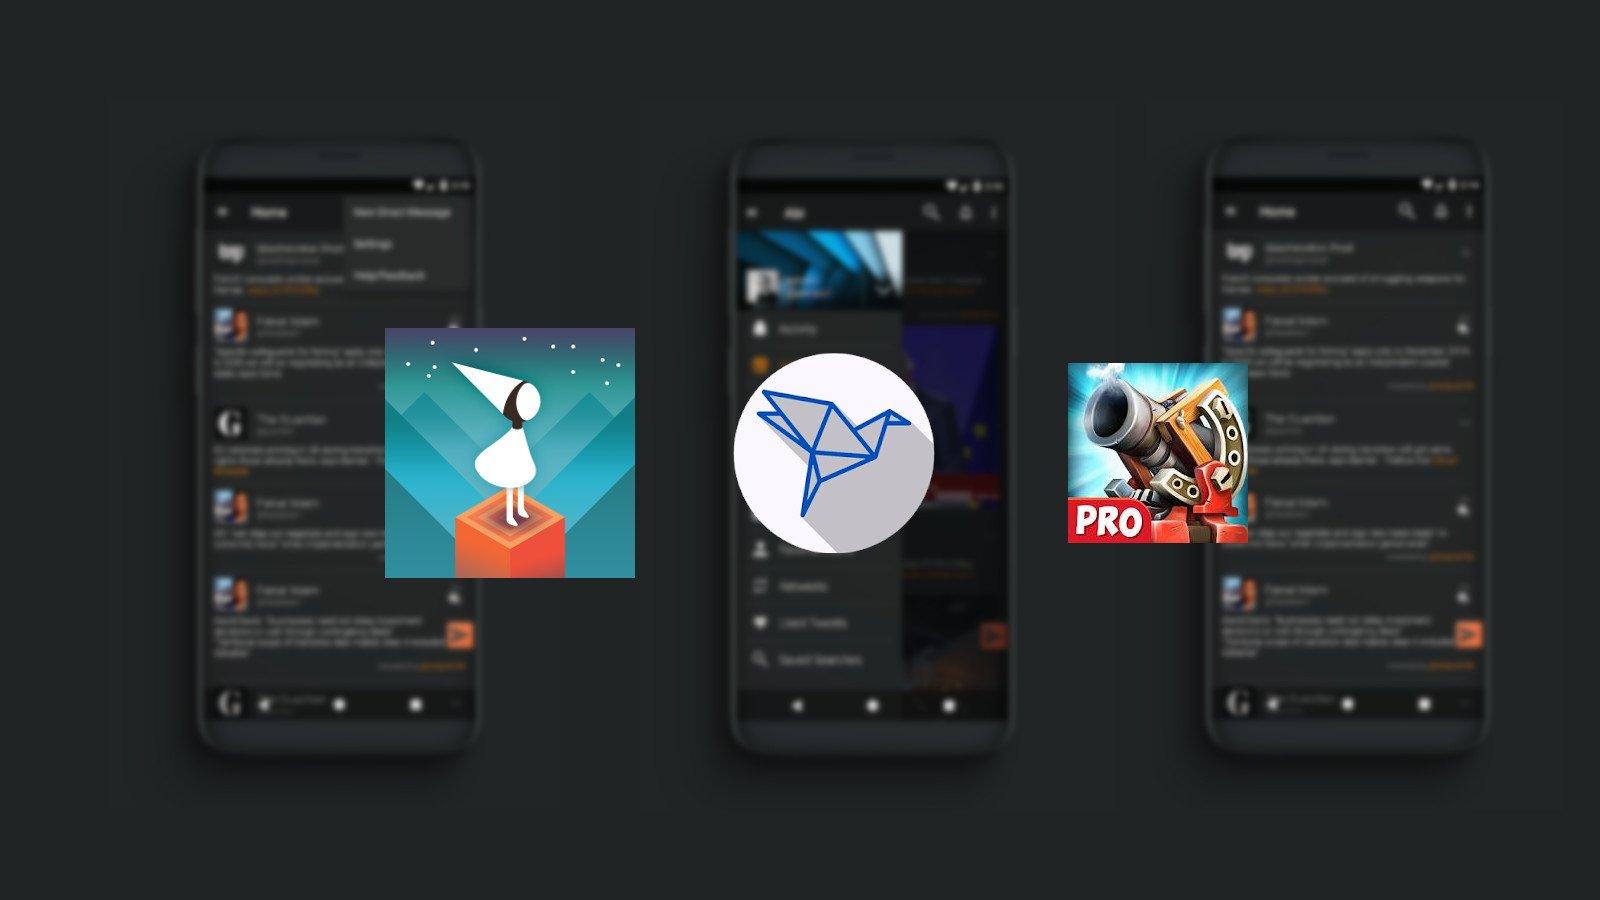 Tabletowo.pl Promocja: Klient Twittera, kilka gier oraz wiele paczek ikon do wyrwania za darmo! Android Aplikacje Oprogramowanie Promocje